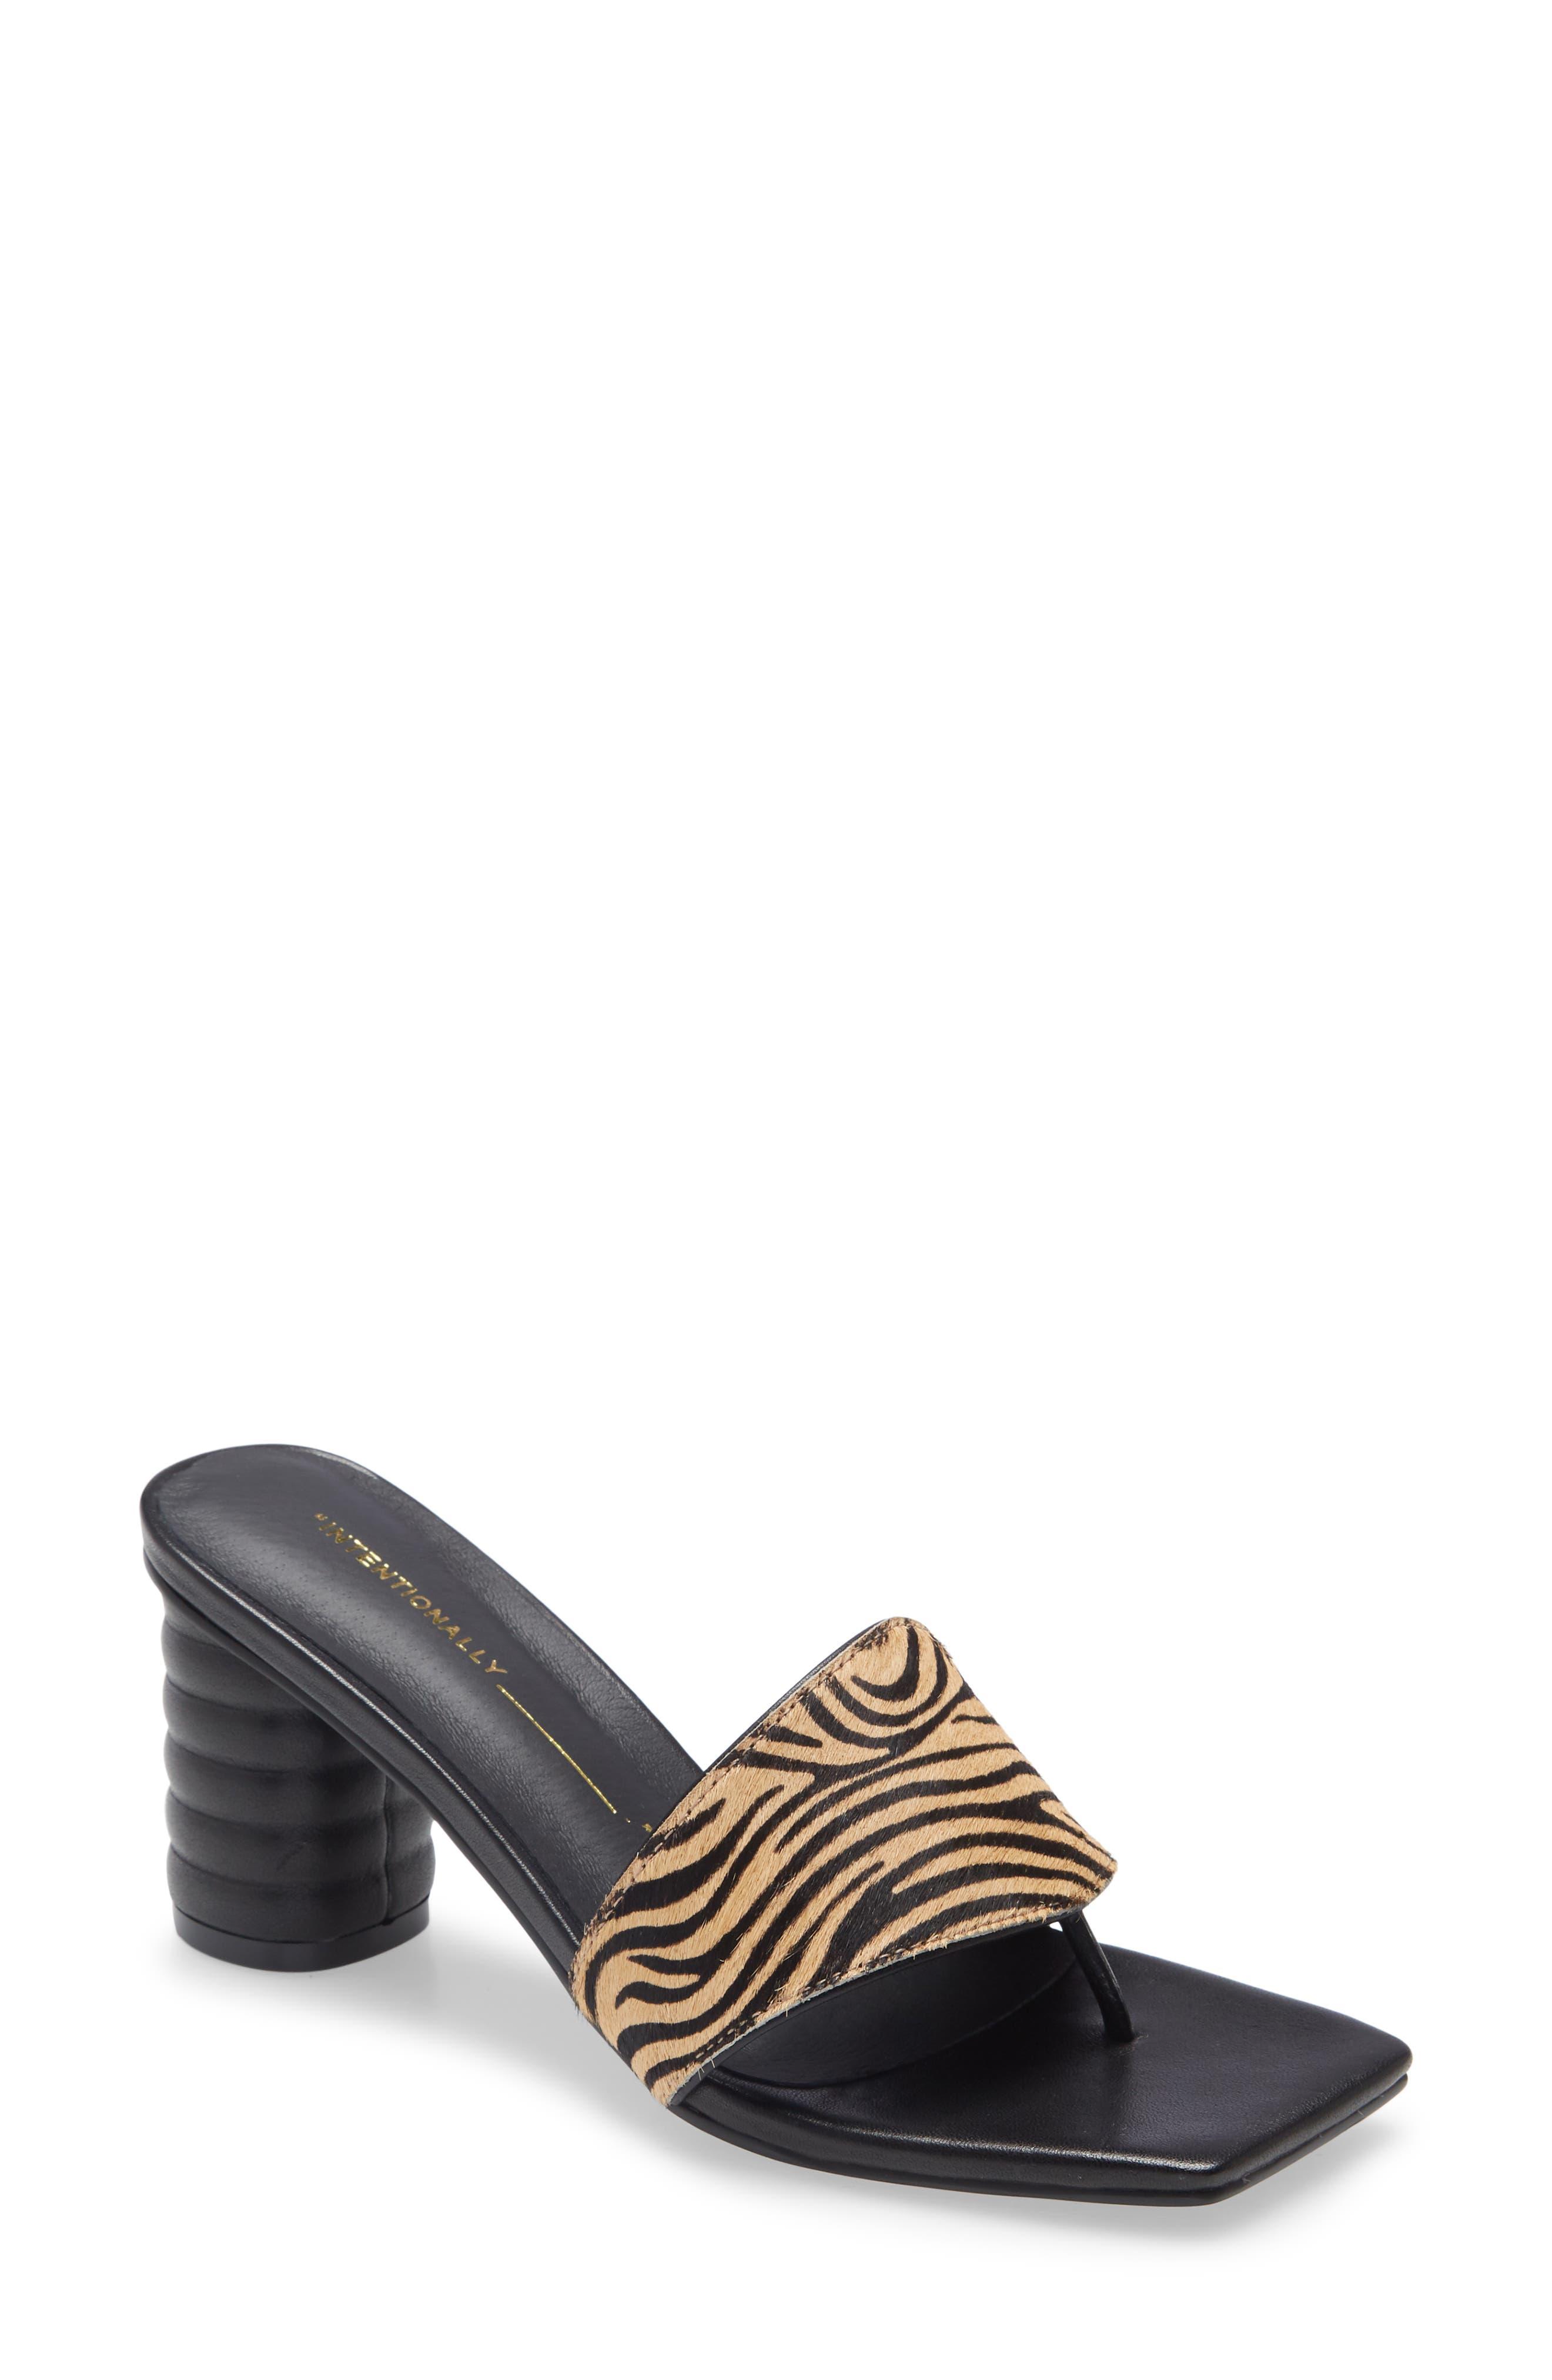 Kristina Genuine Calf Hair Sandal